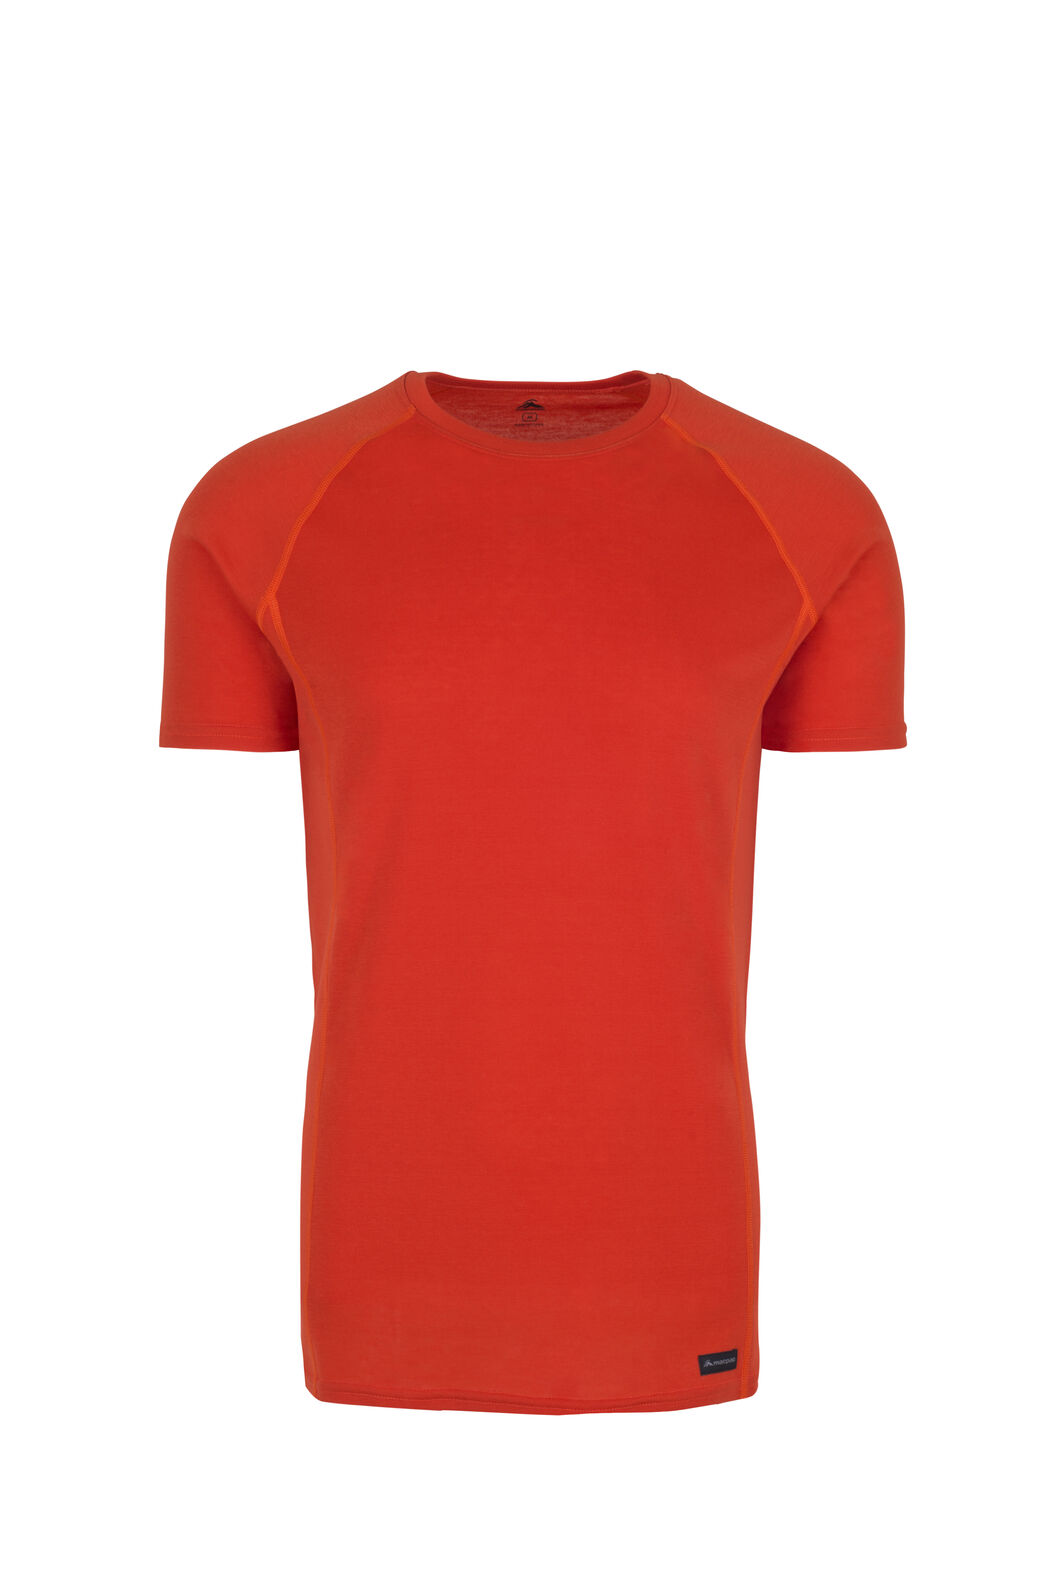 Macpac Geothermal Short Sleeve Top - Men's, Spicy Orange, hi-res